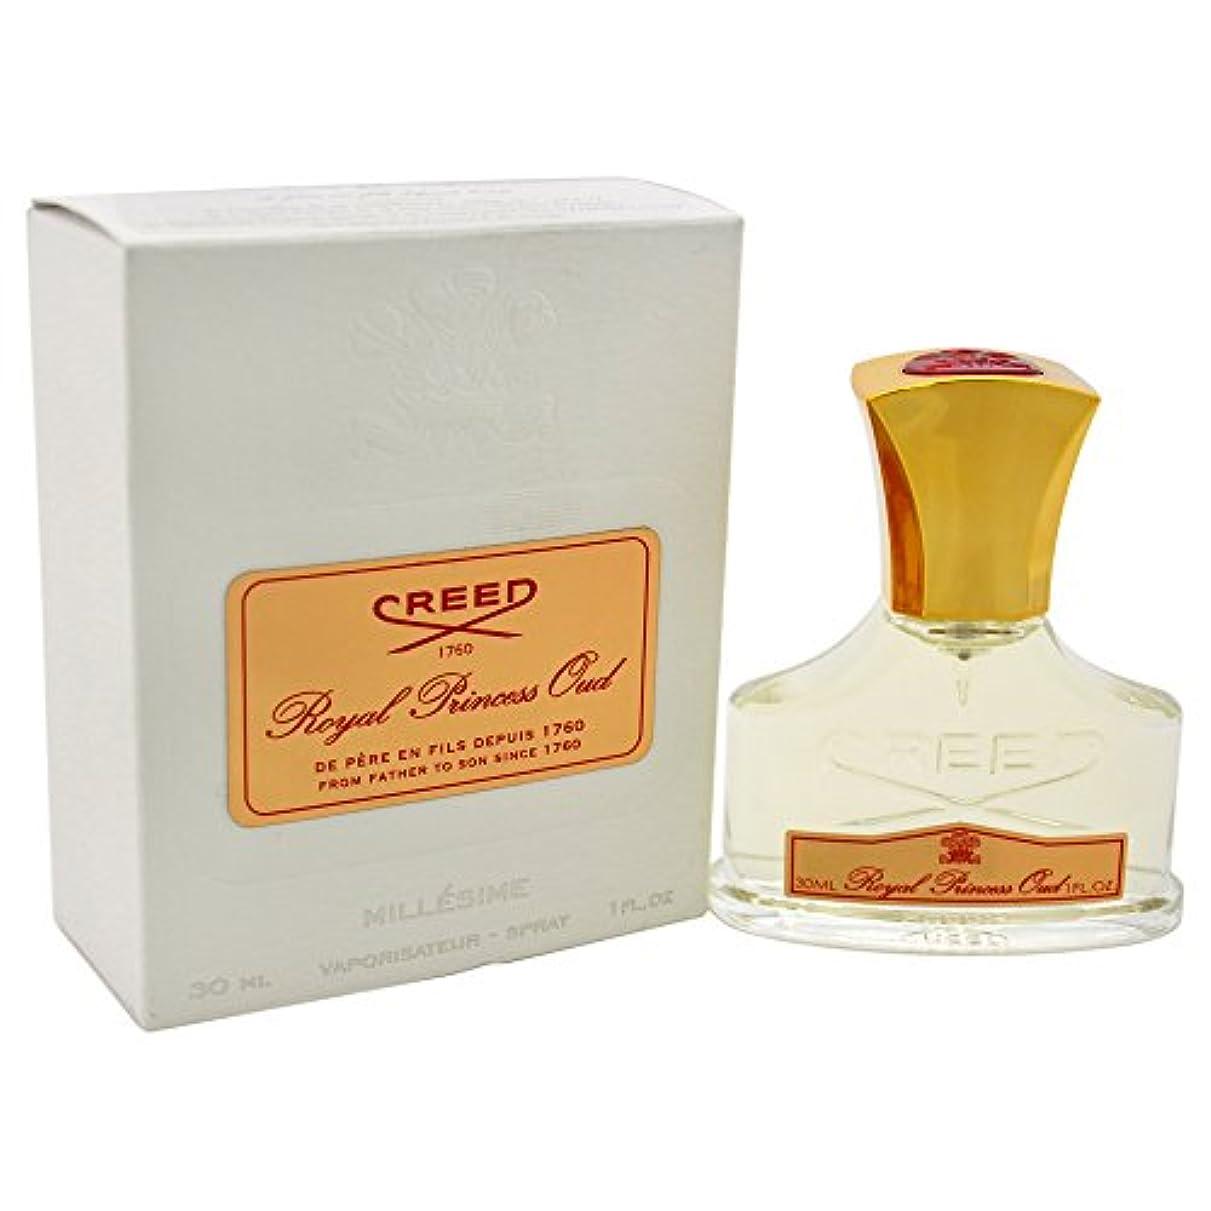 悲しみ混乱した驚くばかりクリード Royal Princess Oud Fragrance Spray 30ml/1oz並行輸入品